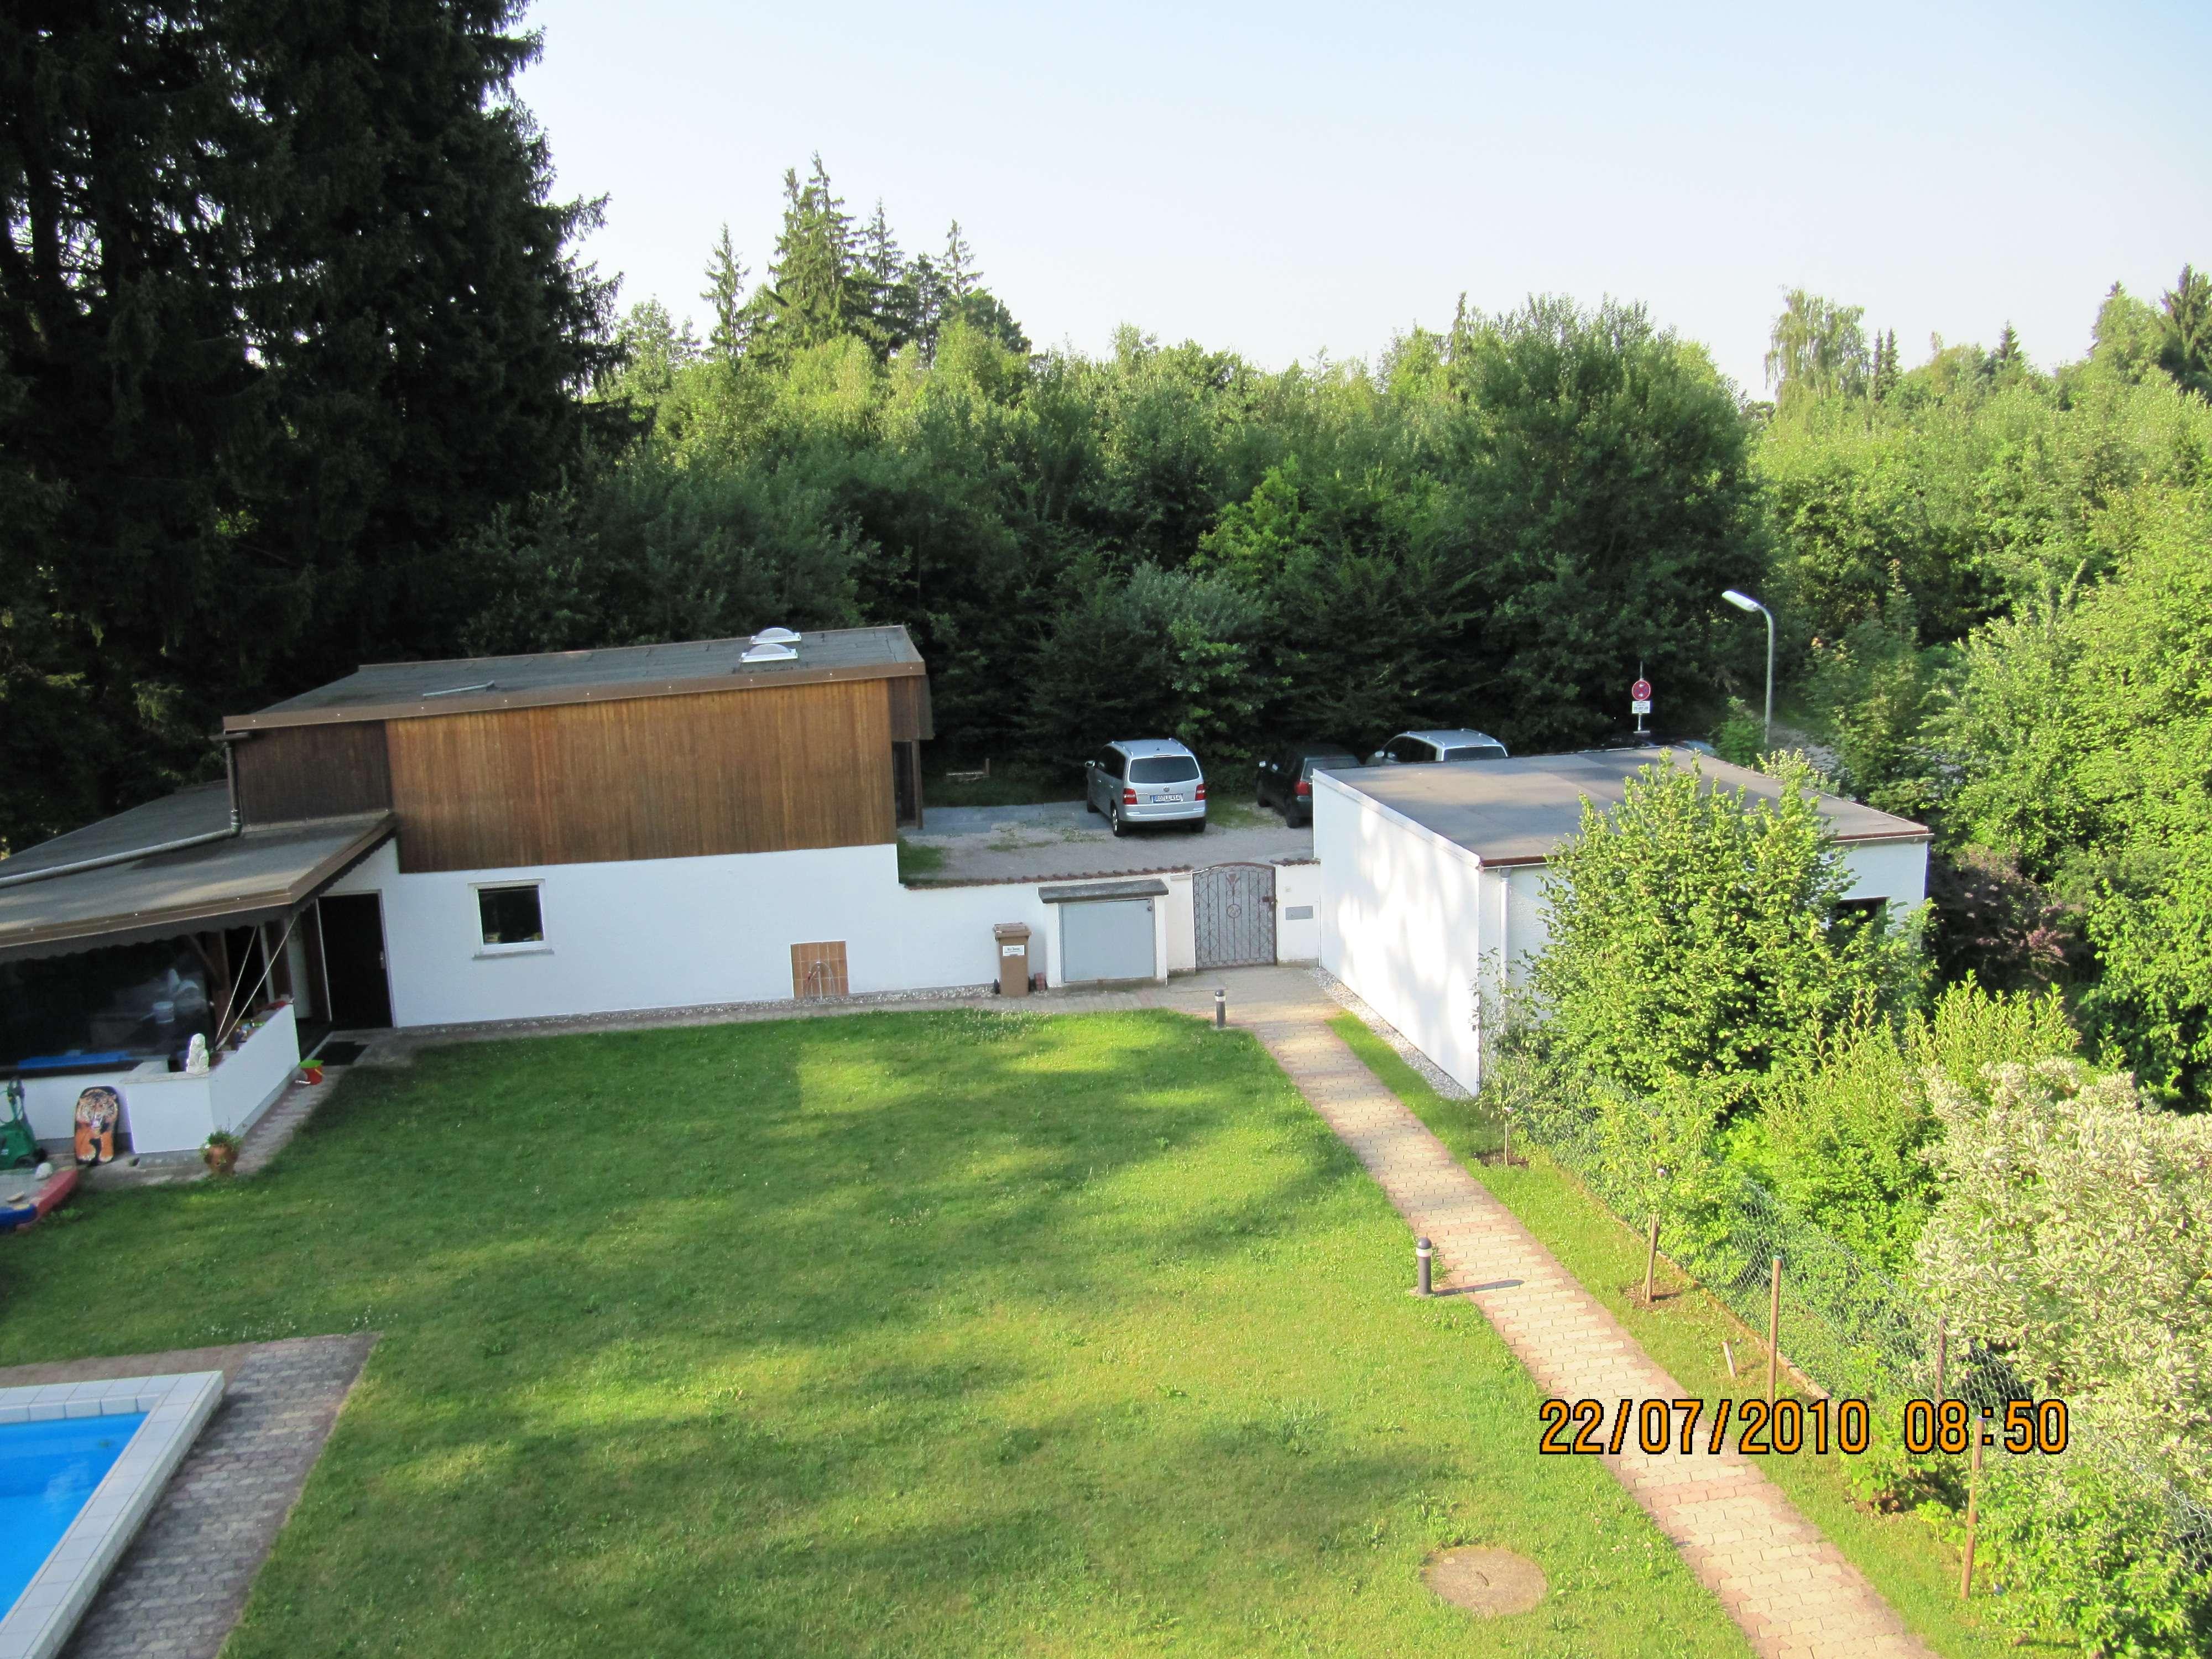 Wohnen am Wald: großzügige 2,5 Zimmerwohnung mit großem Balkon in Perlach (München)